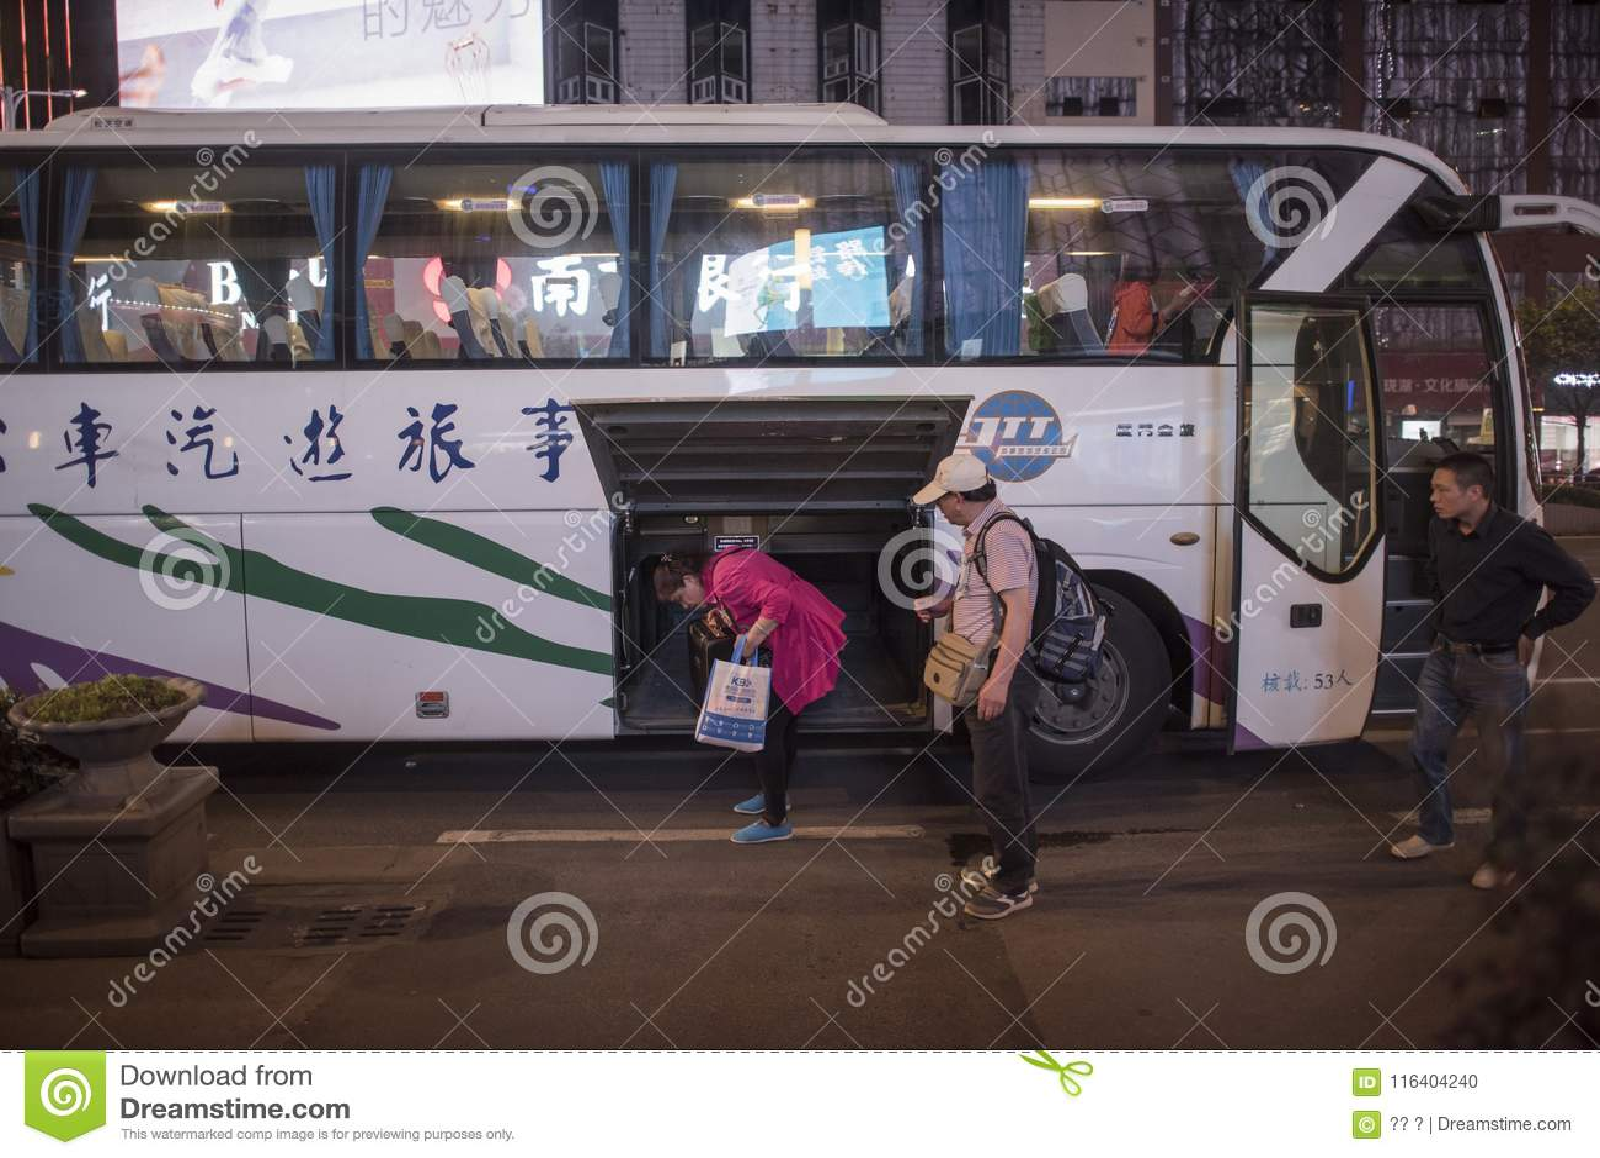 Ένα ζευγάρι του μέσης ηλικίας ζεύγους τουριστών που επιστρέφει από το λεωφορείο για να πάρει τις αποσκευές τους, άποψη νύχτας